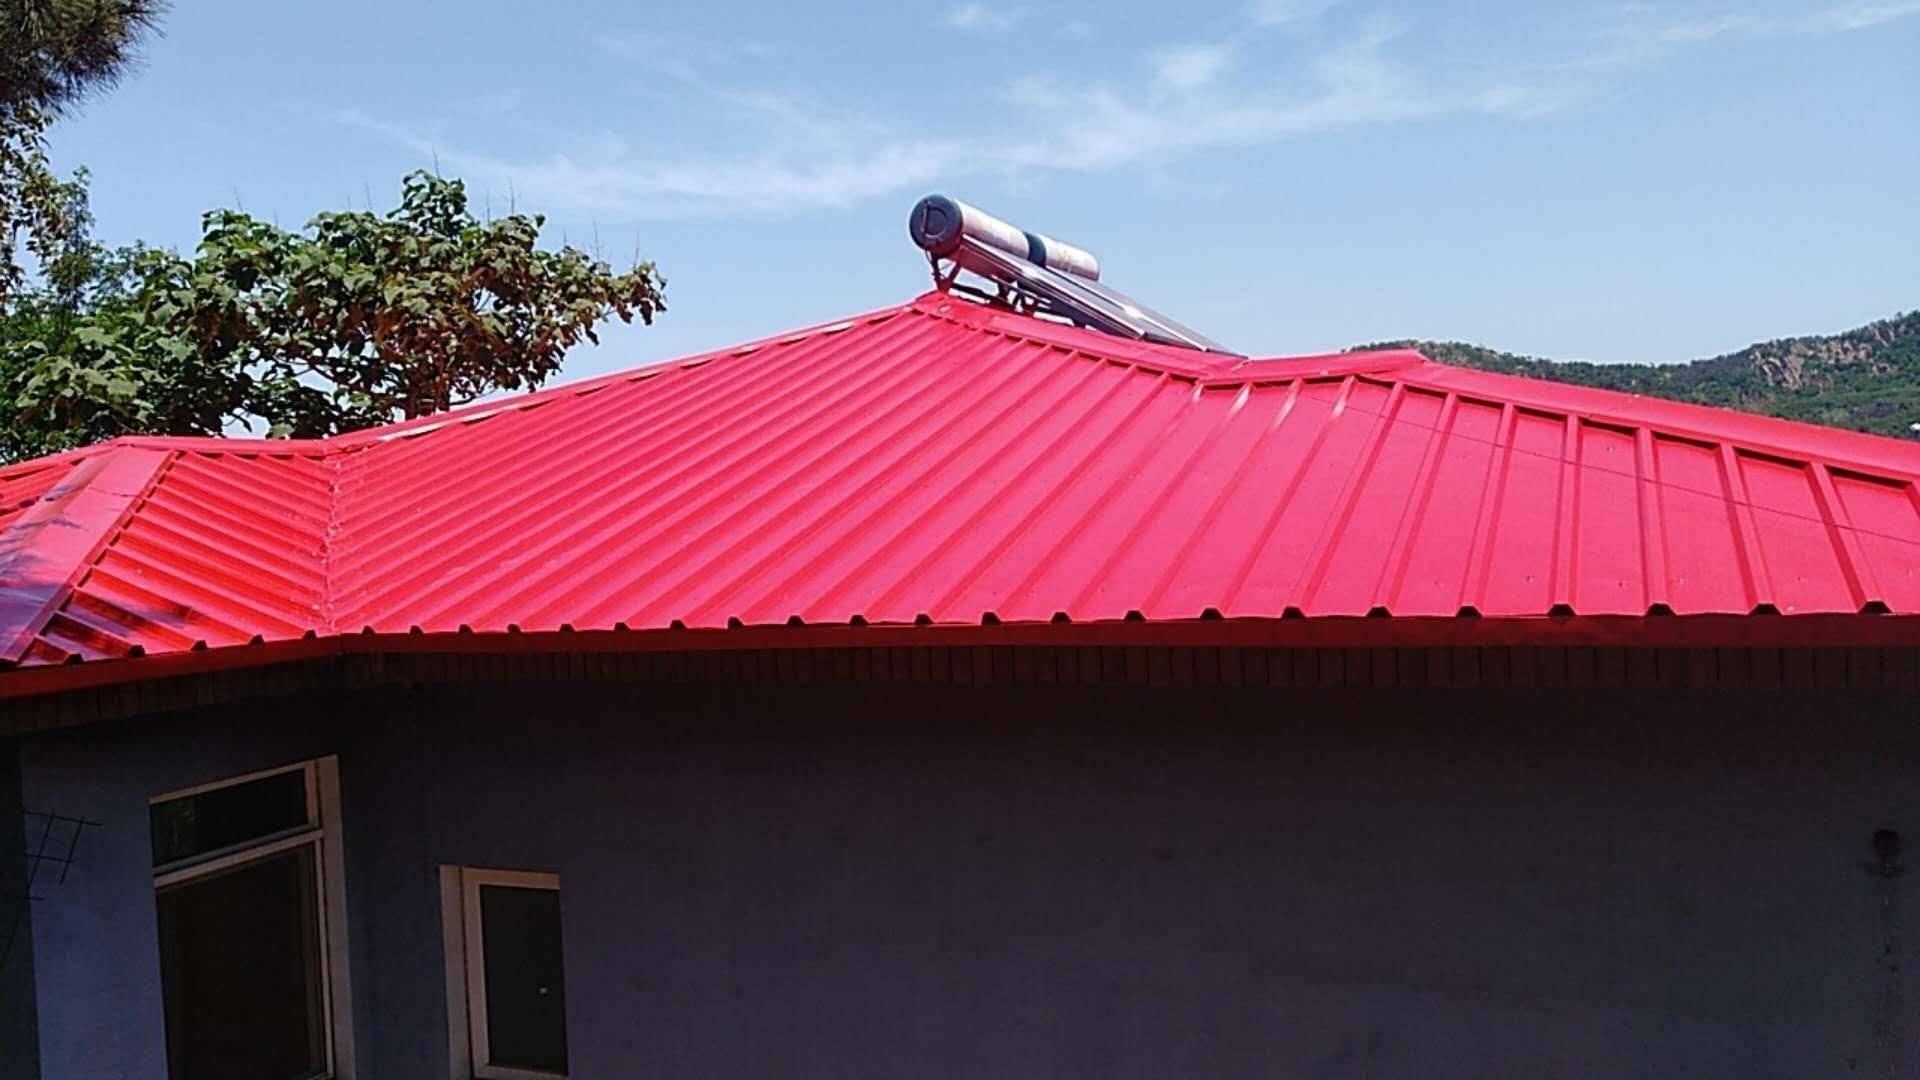 html  相关标签:钢结构屋面防腐         彩钢瓦屋面 防水 防腐 维修